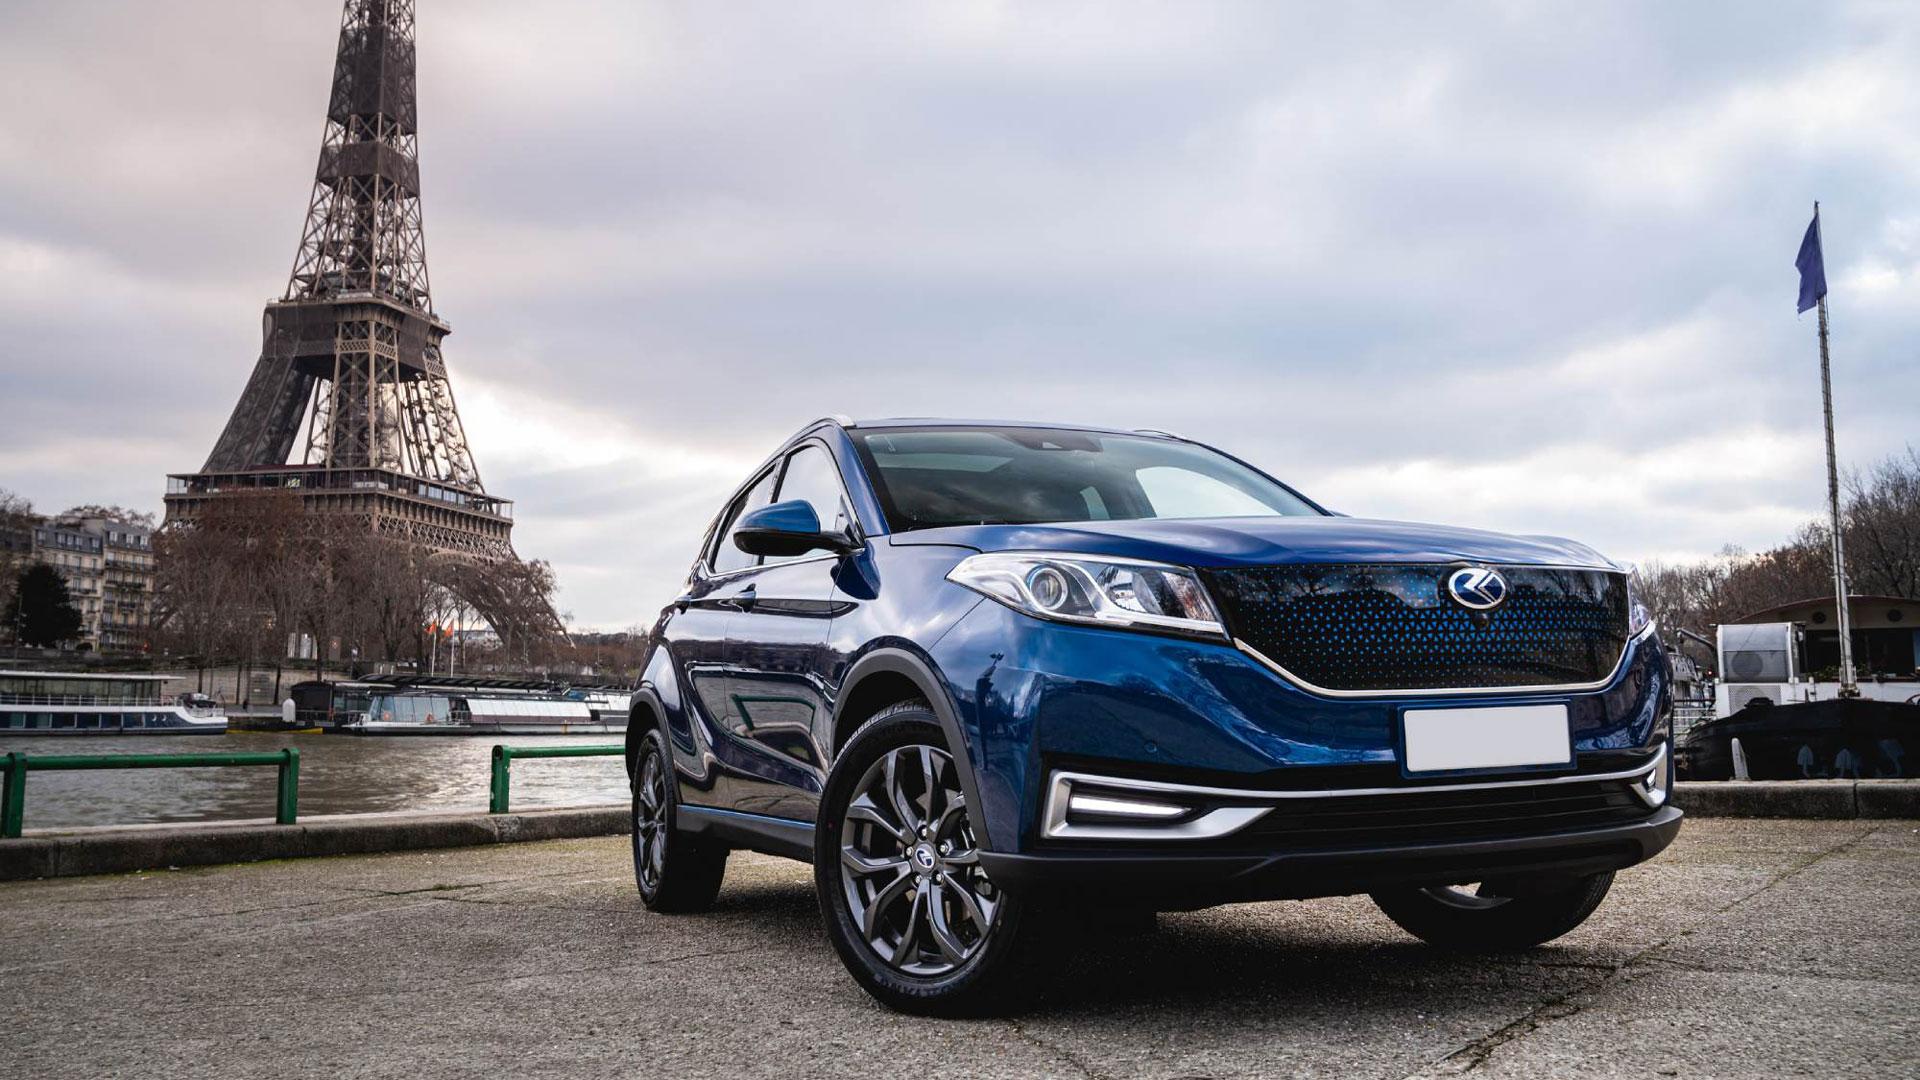 DONGFENG fait son entrée sur le marché européen avec deux SUV